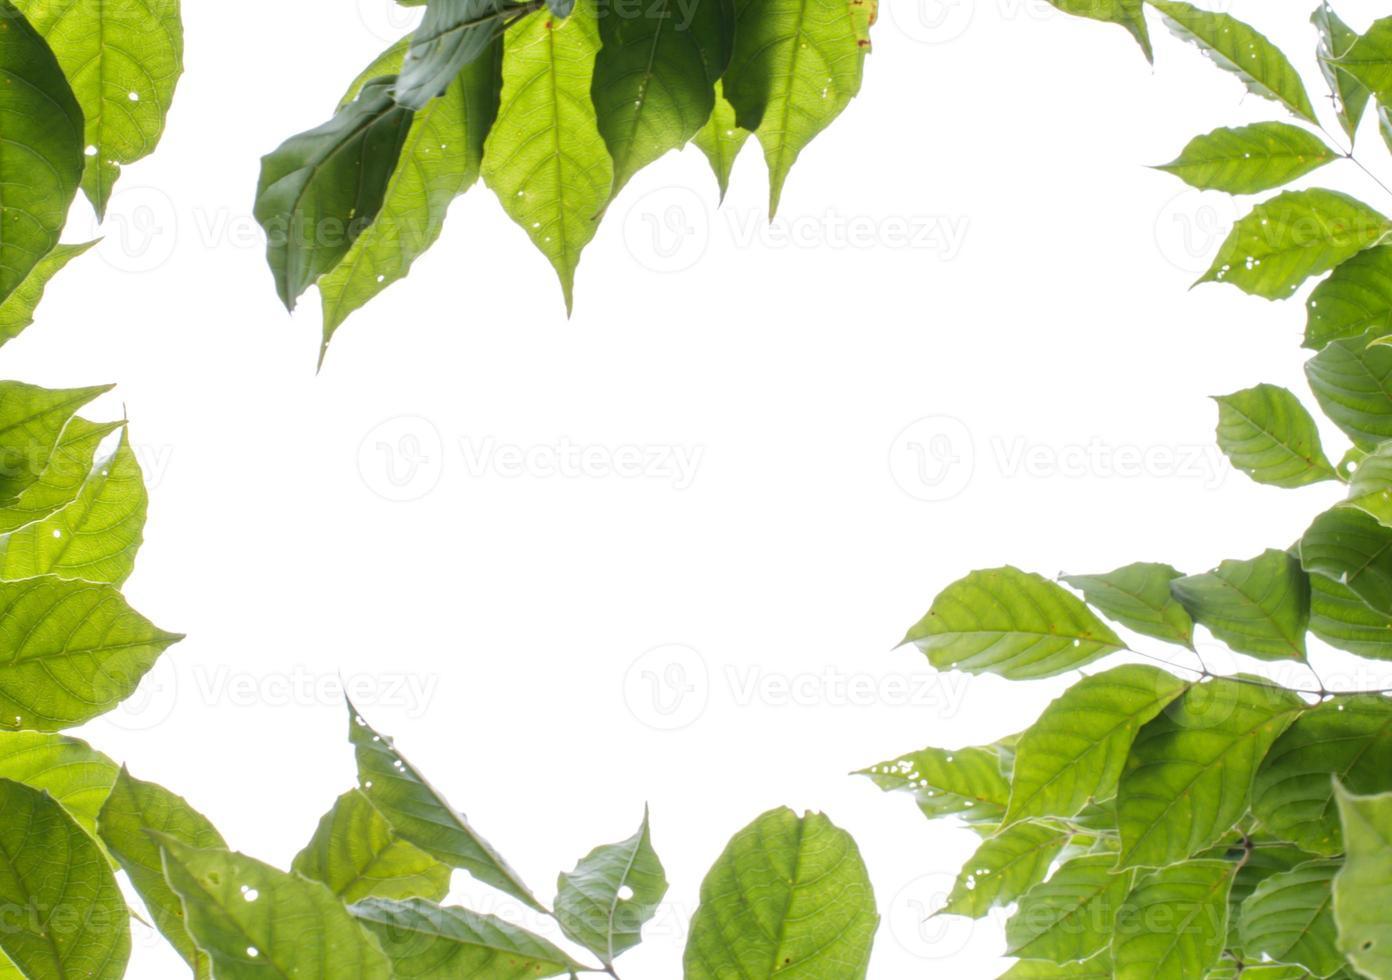 quadro de folhas verdes em fundo branco foto